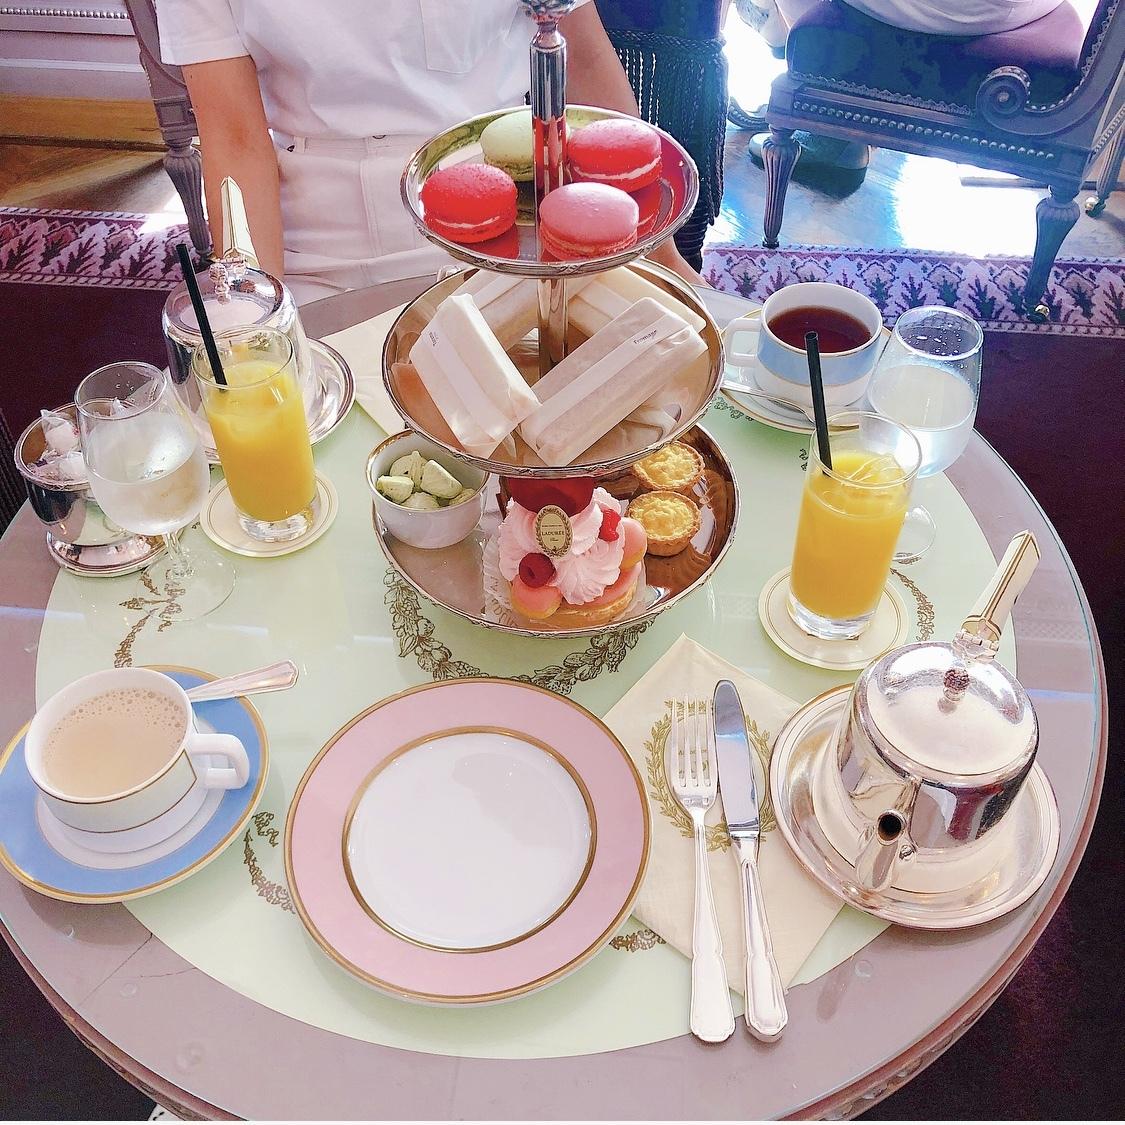 【銀座】LADUREE Caffe _1_4